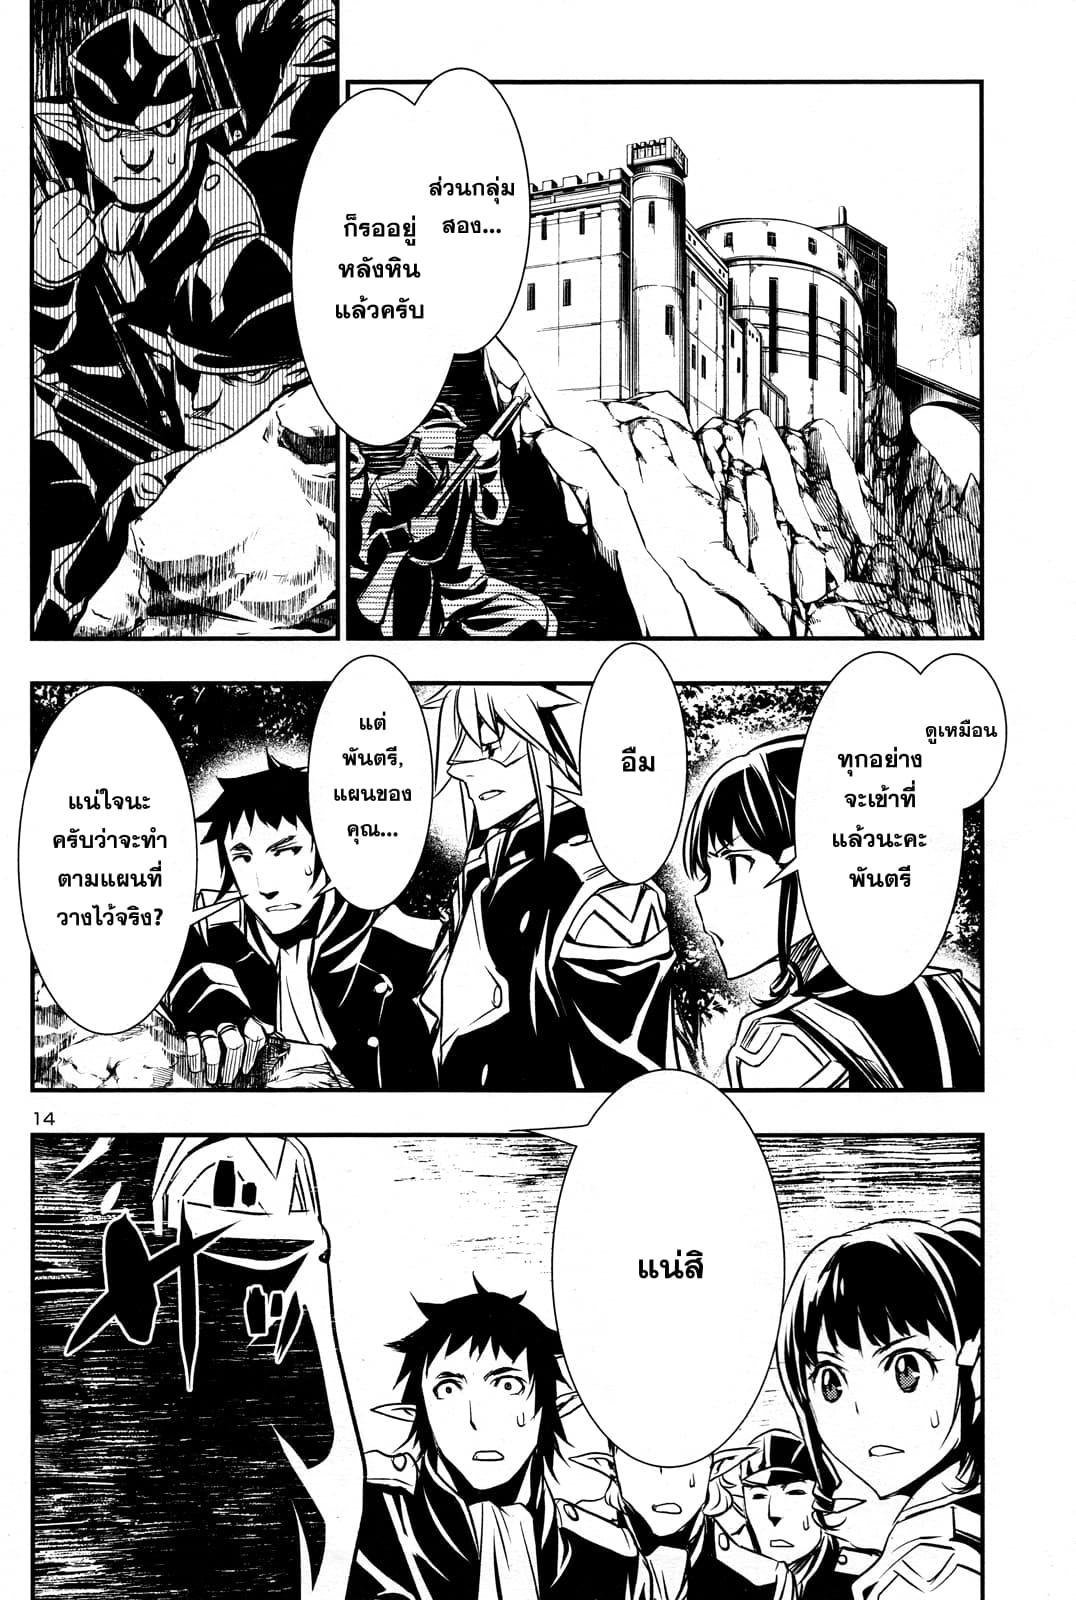 อ่านการ์ตูน Shinju no Nectar ตอนที่ 6 หน้าที่ 14